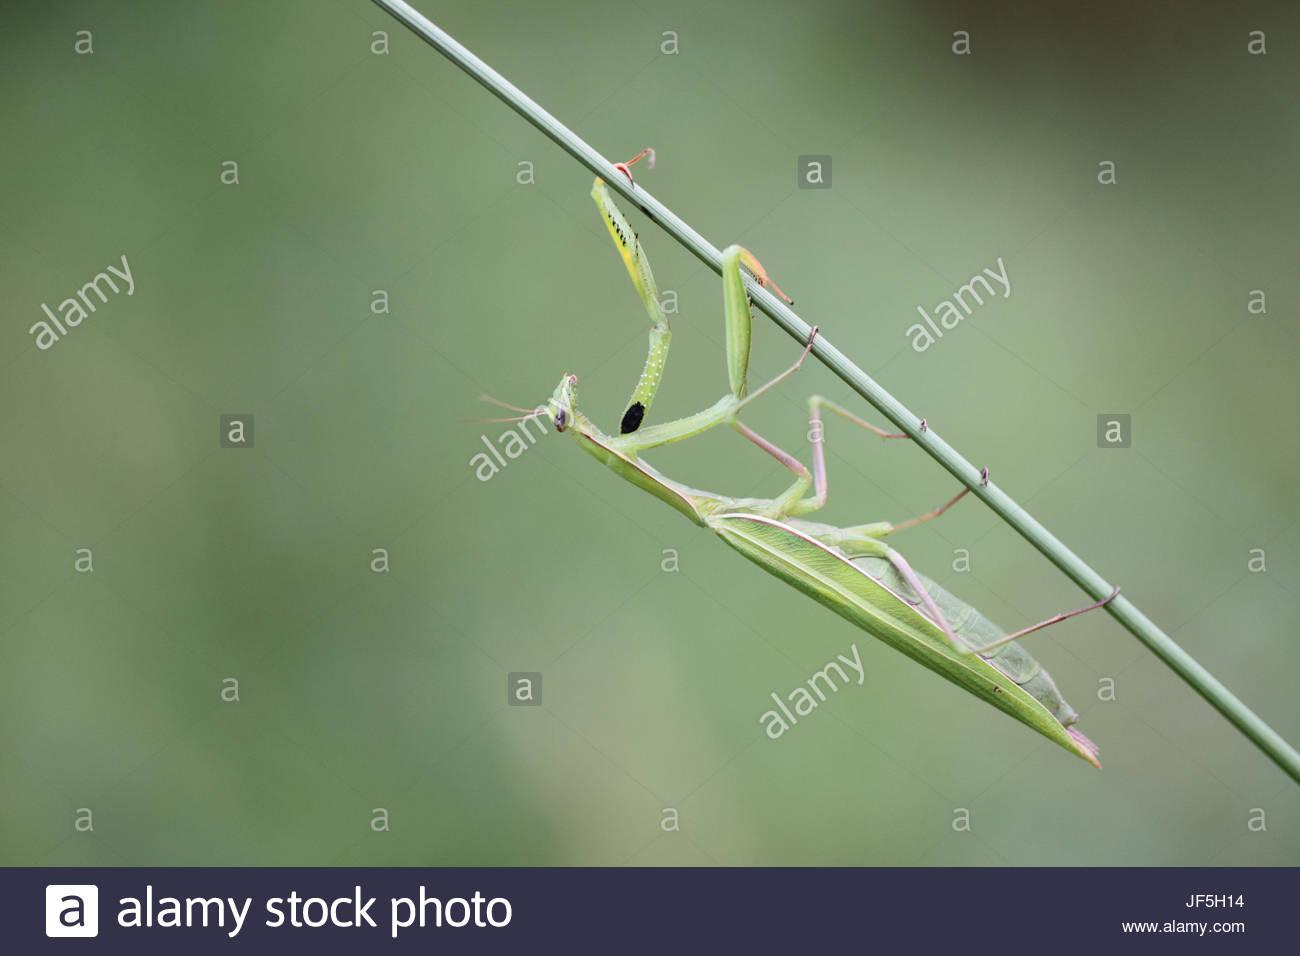 Porträt einer Gottesanbeterin Mantis Religiosa auf einem Fuchsschwanz Stiel, Setaria Arten. Stockbild